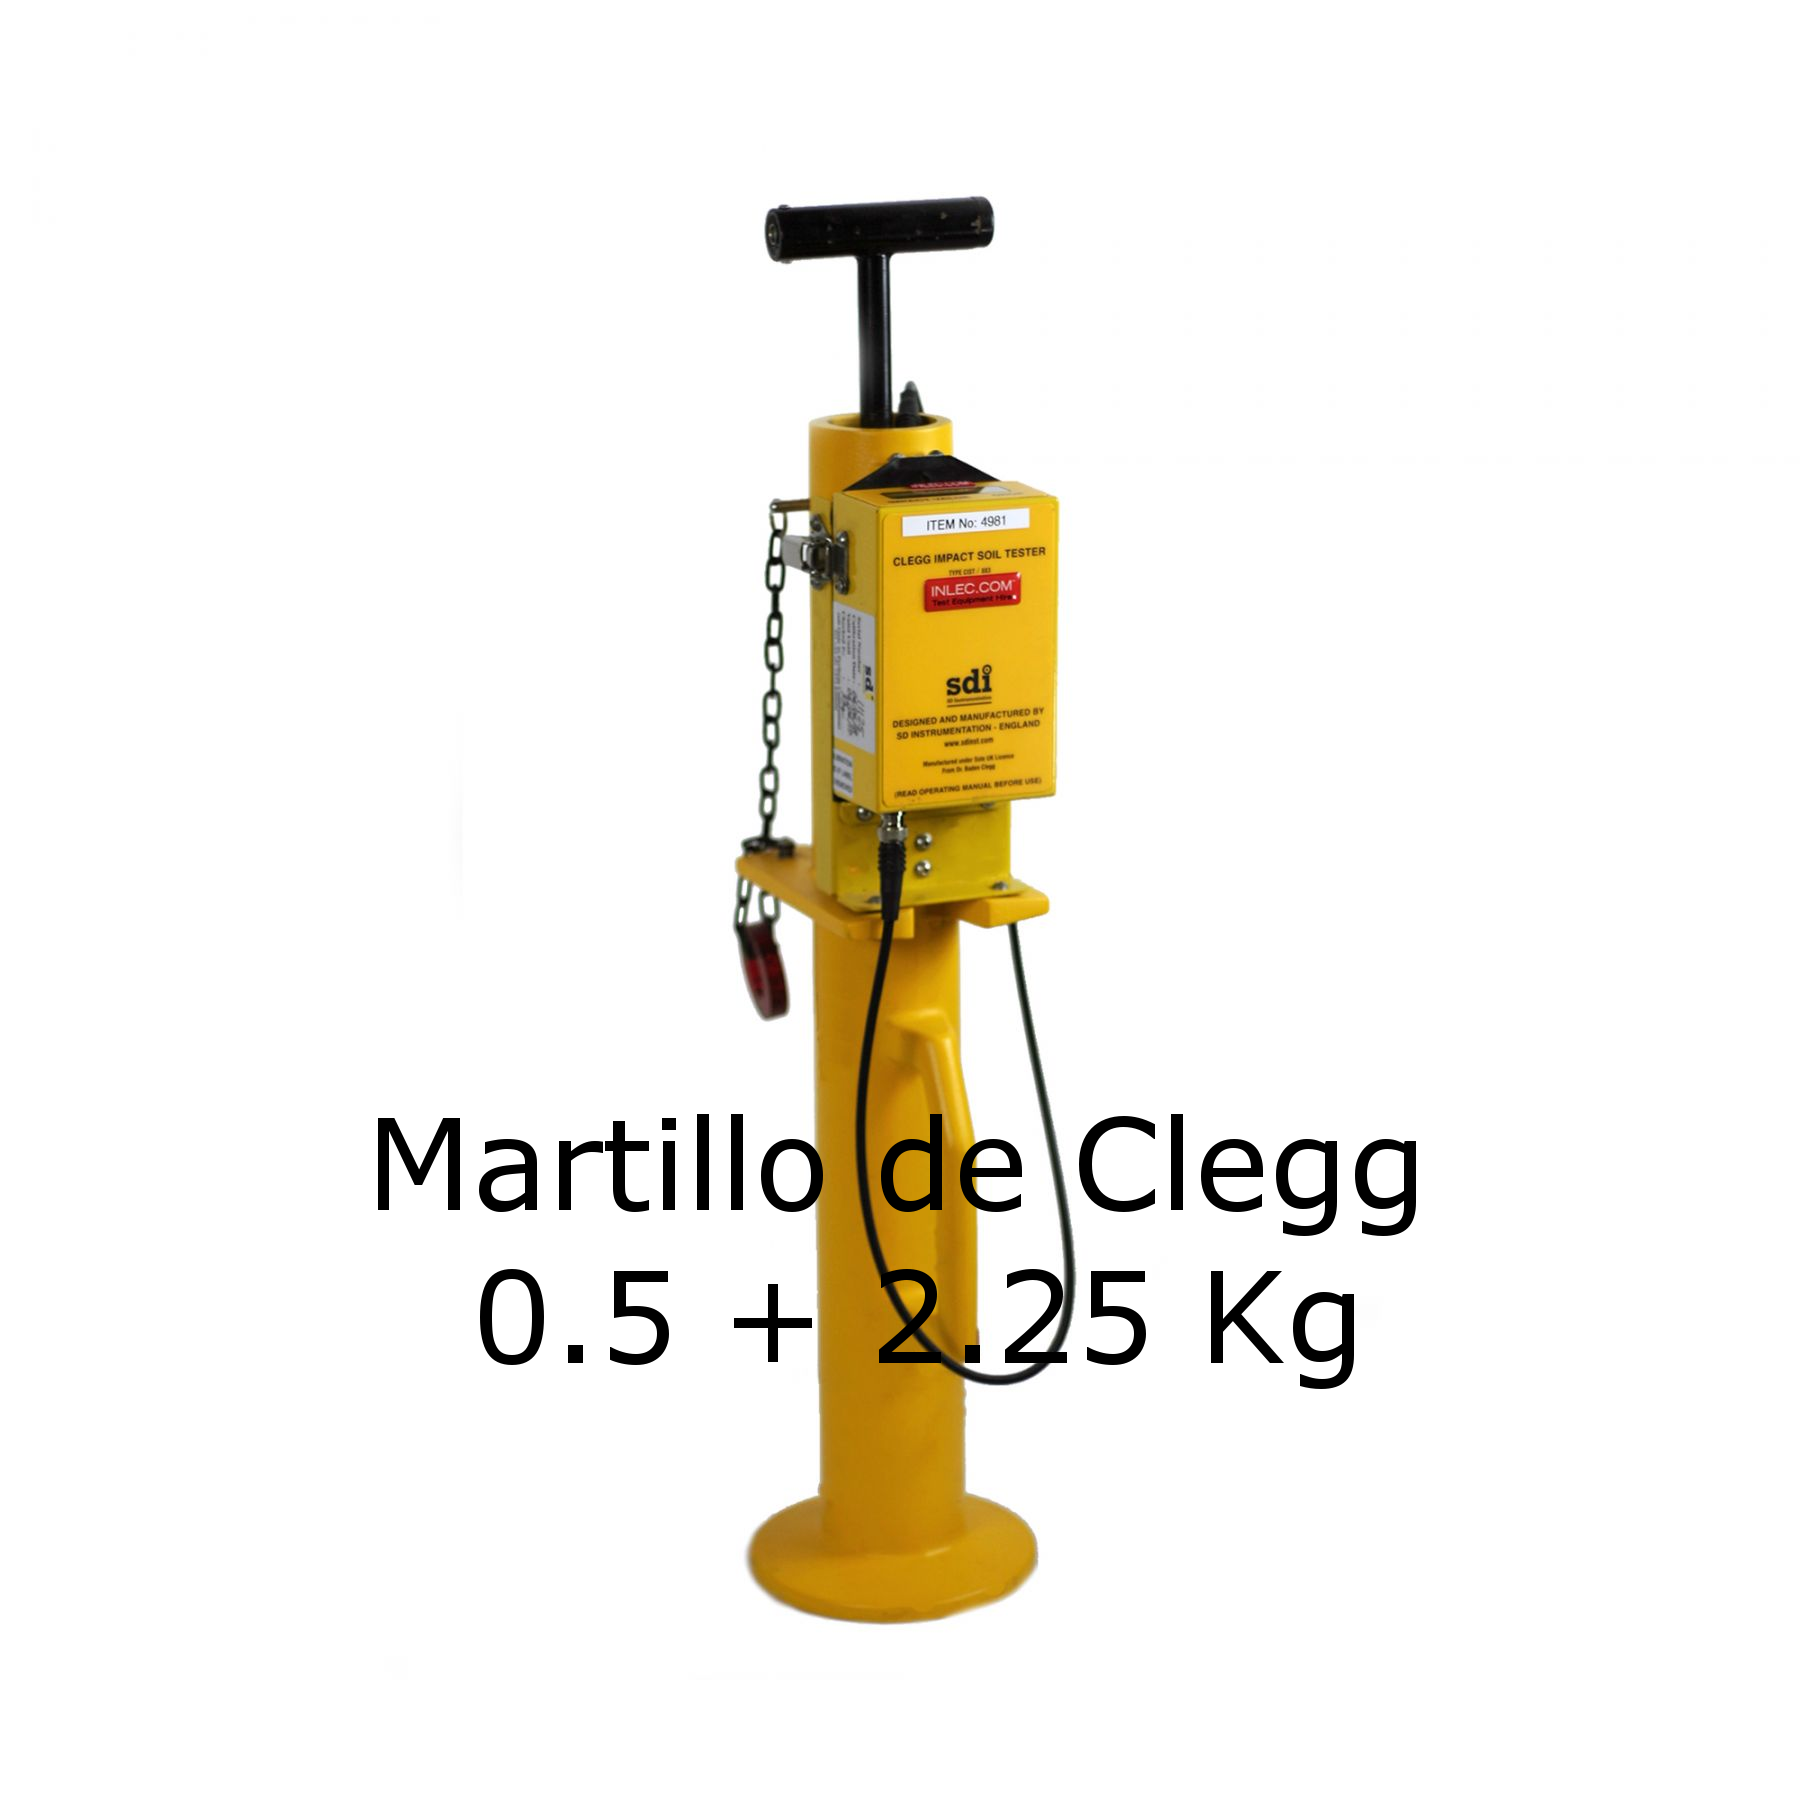 Martillo de Clegg de 0.5 + 2.25 Kg